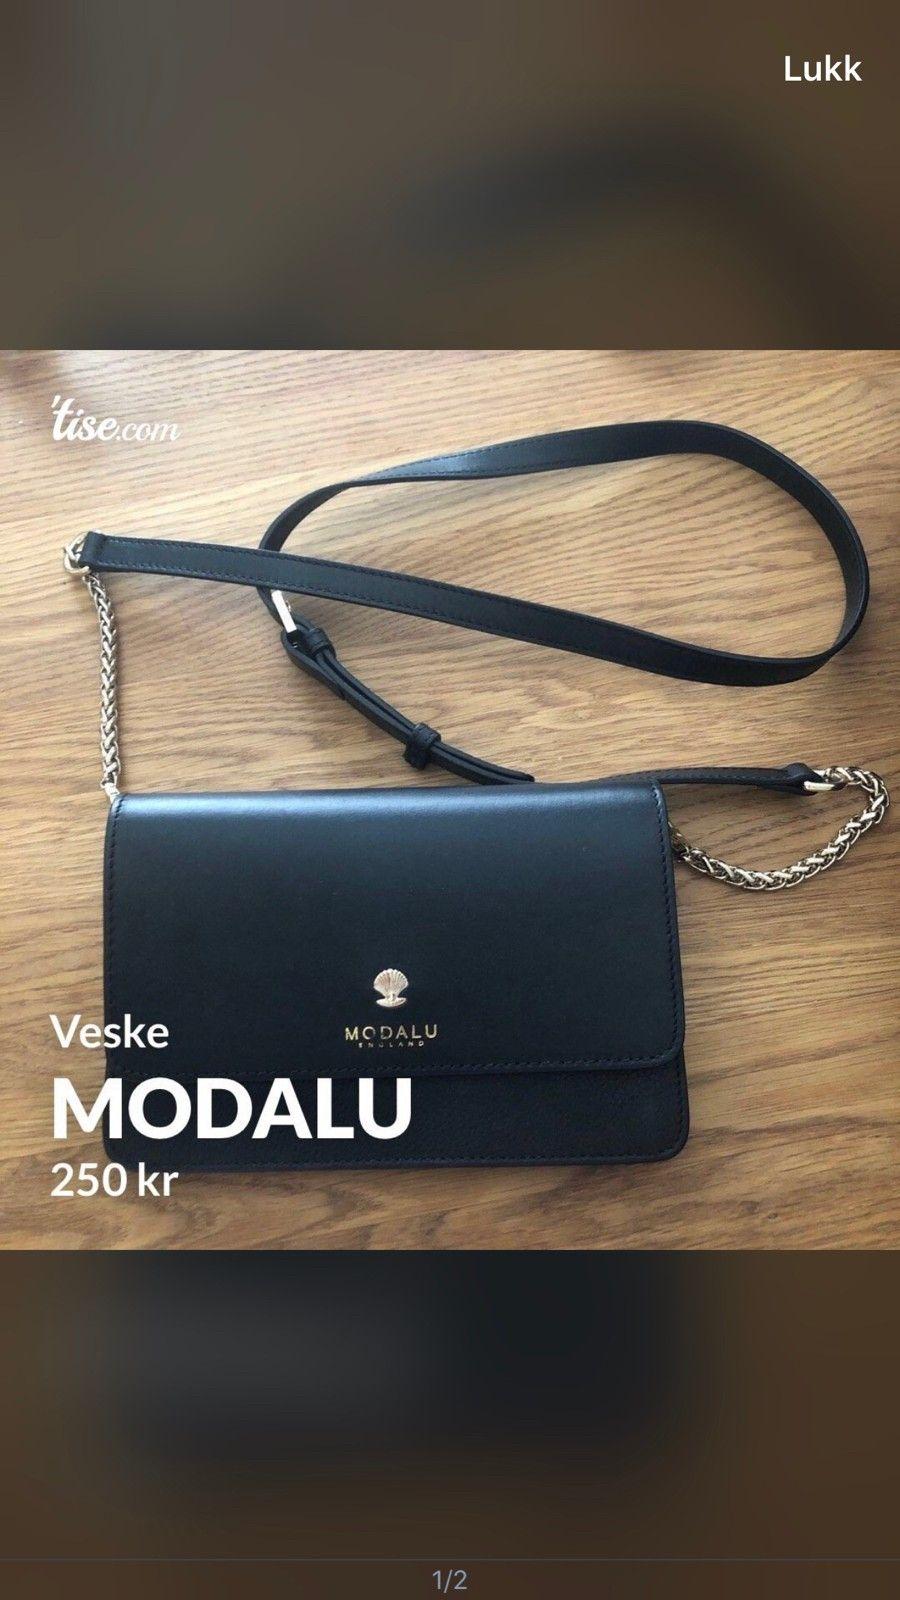 MODALU | Miinto.no